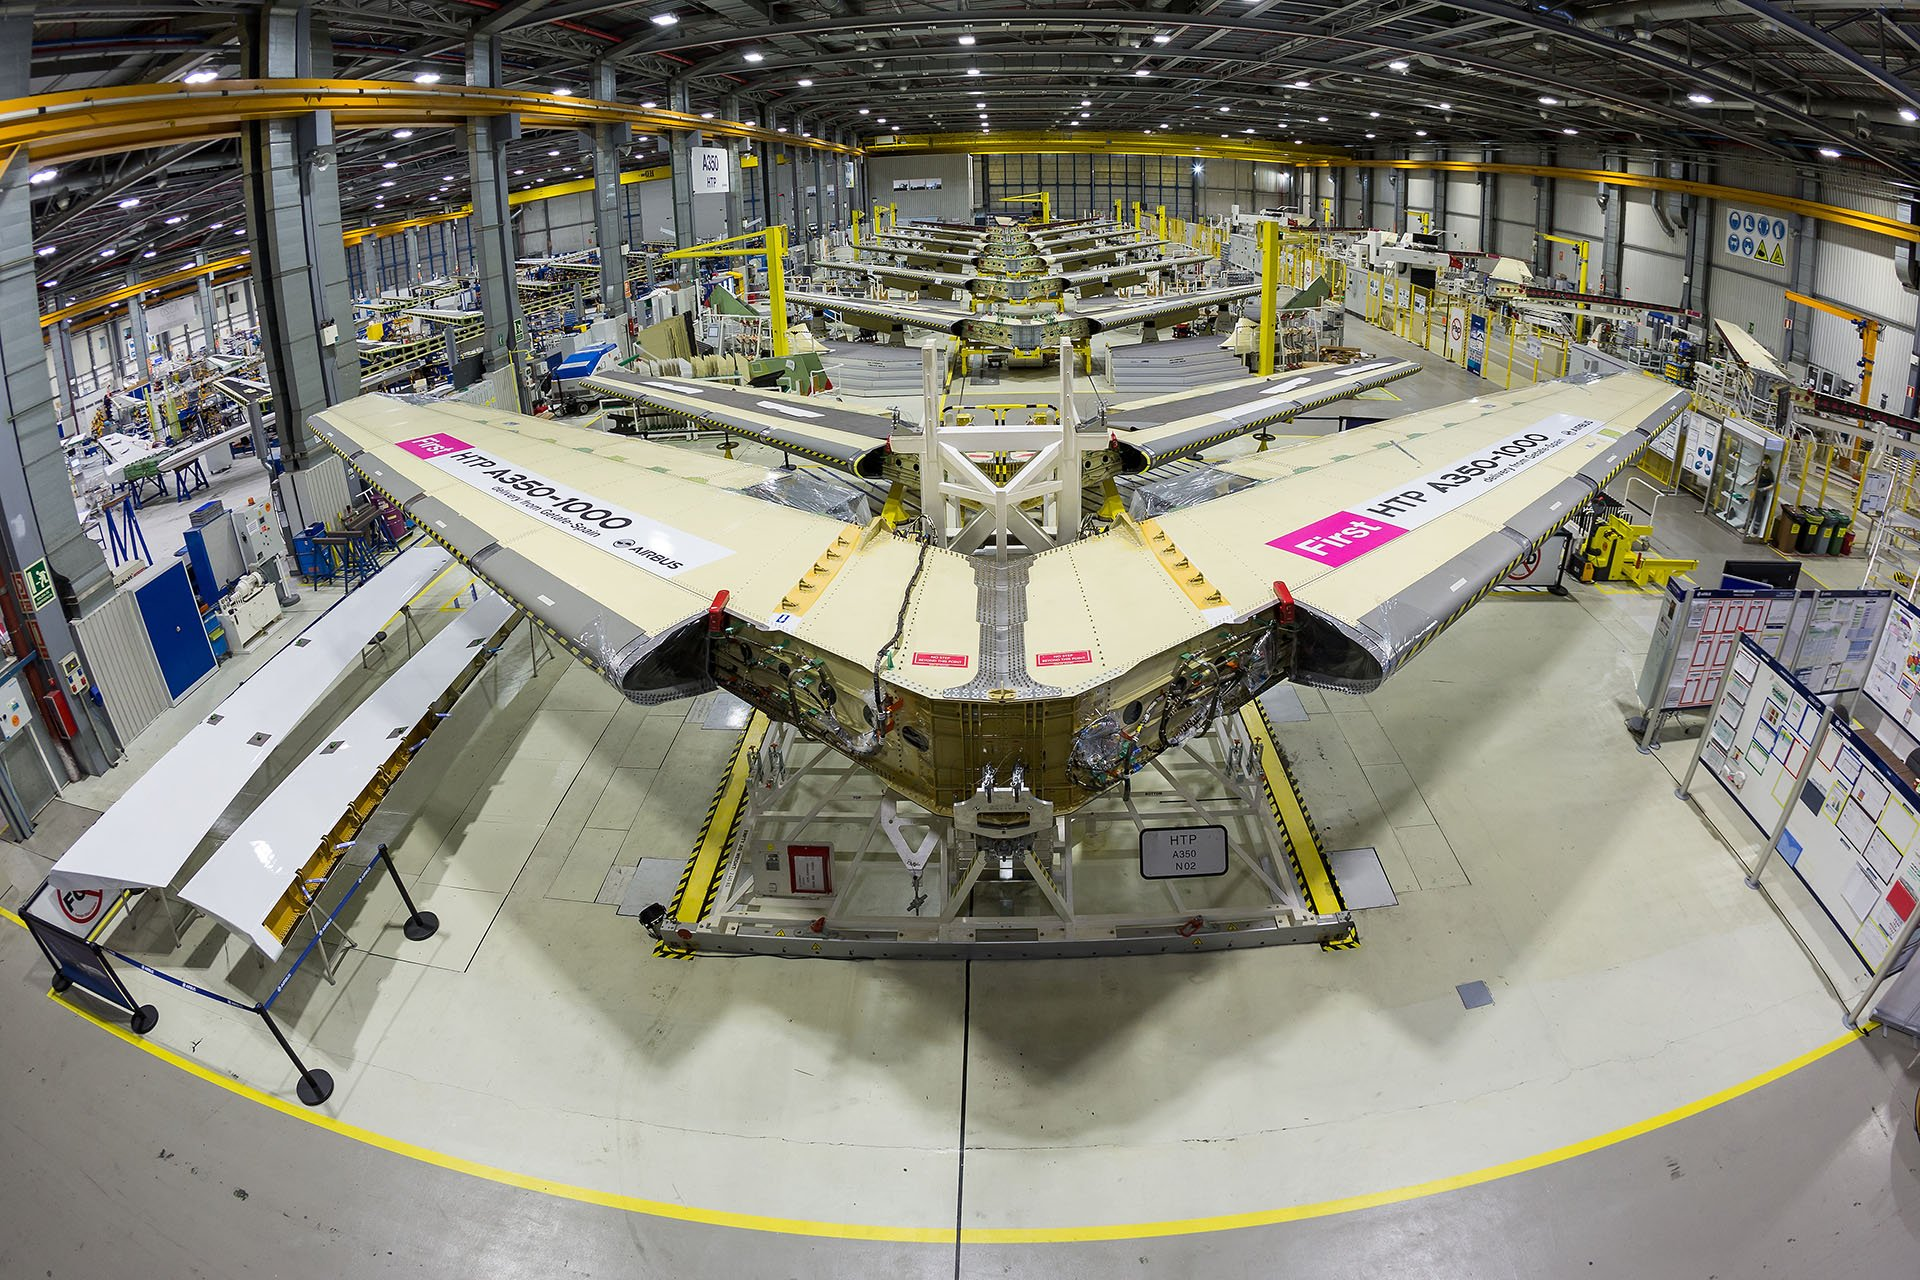 A350 - 1000 in progress